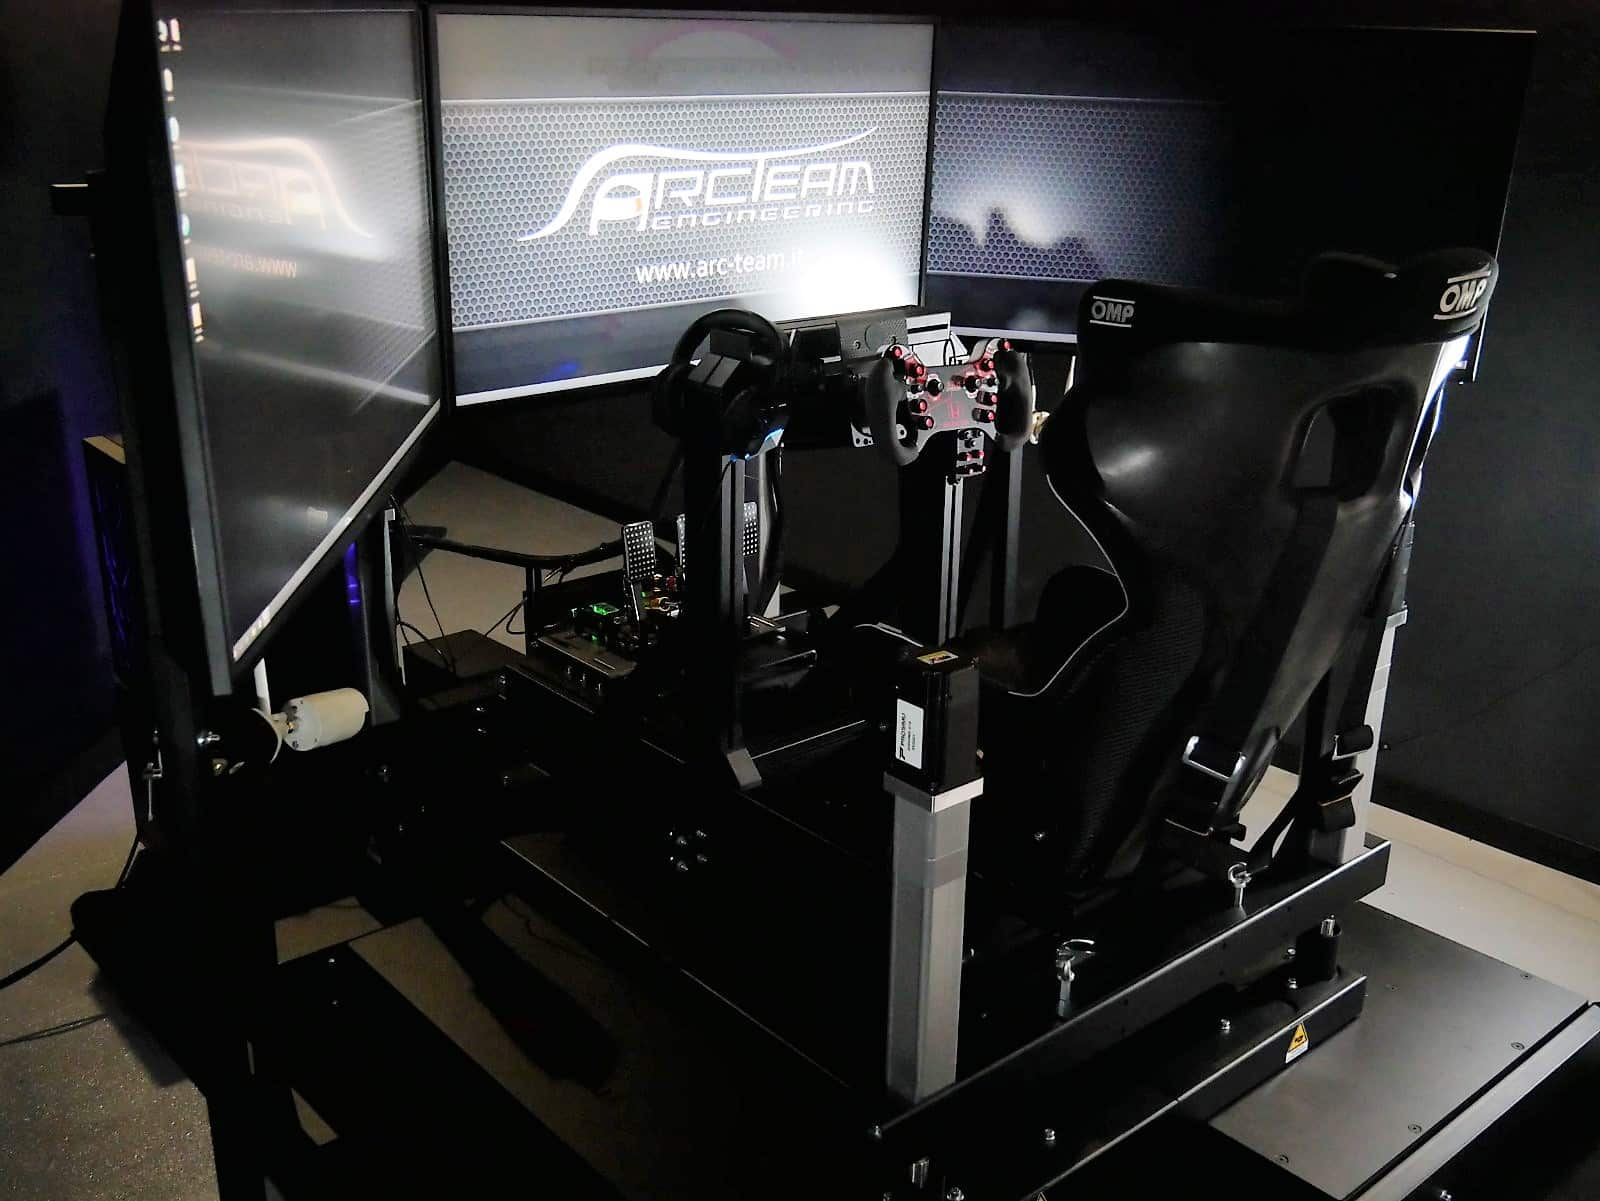 simulatore prosimu t1000 7m